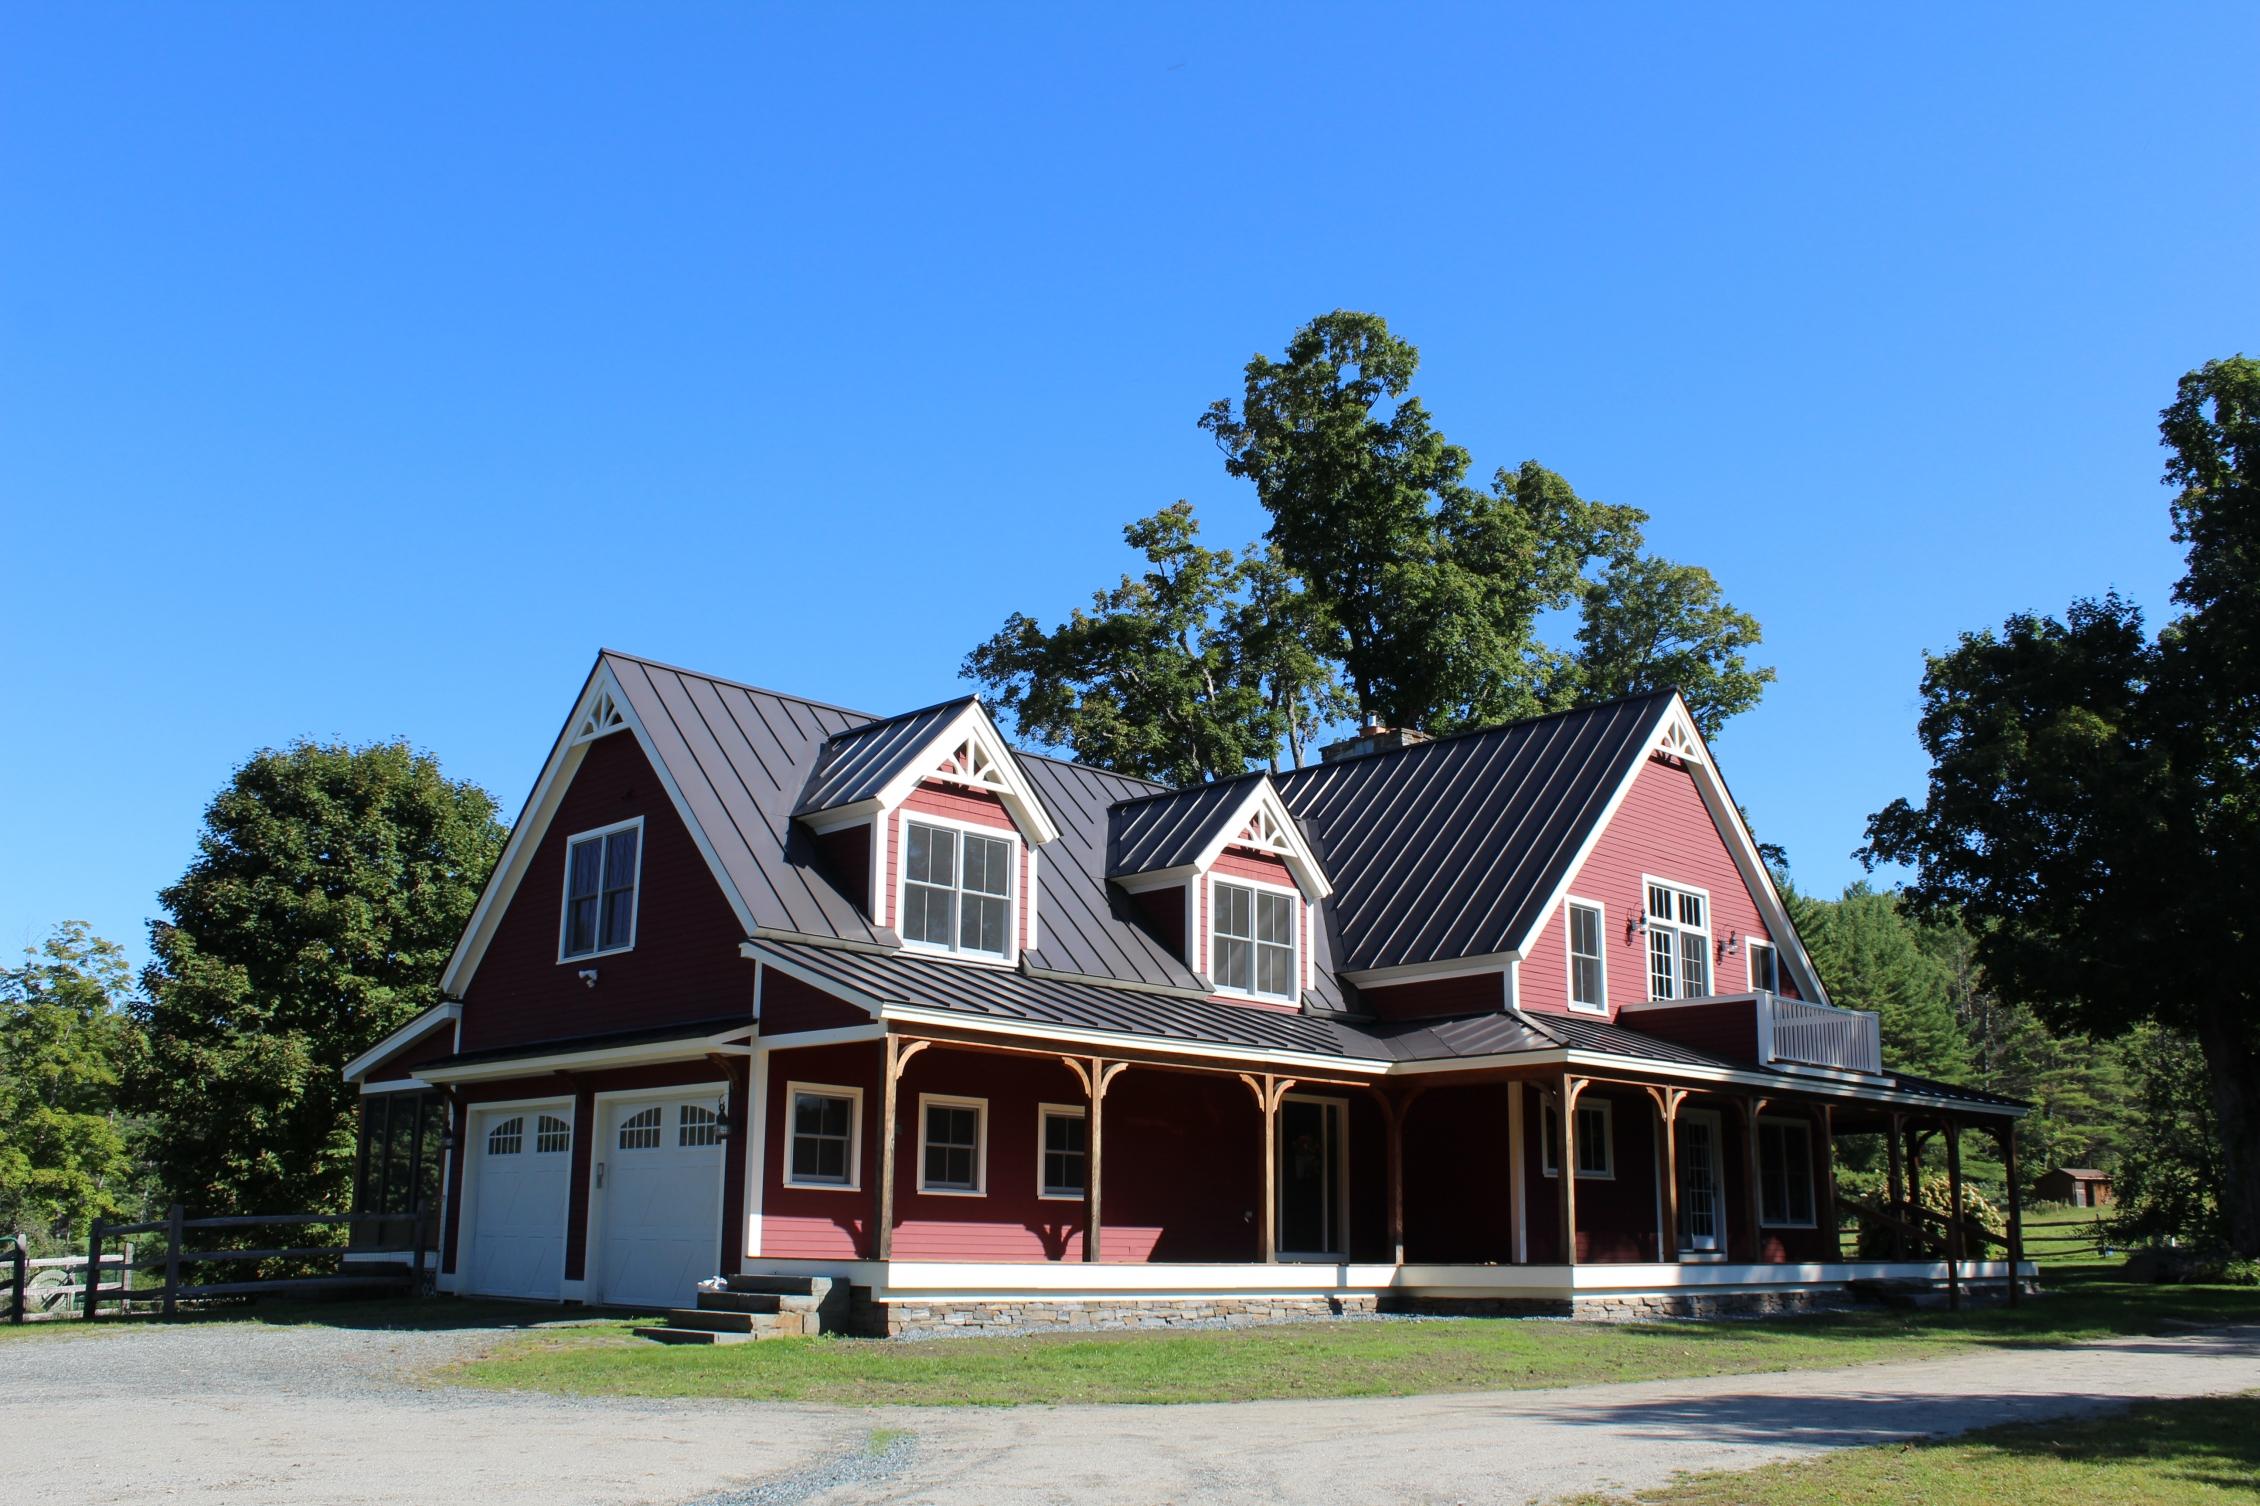 Maison unifamiliale pour l Vente à 32 White Swan Farm Road, Cornish 32 White Swan Farm Rd Cornish, New Hampshire 03746 États-Unis